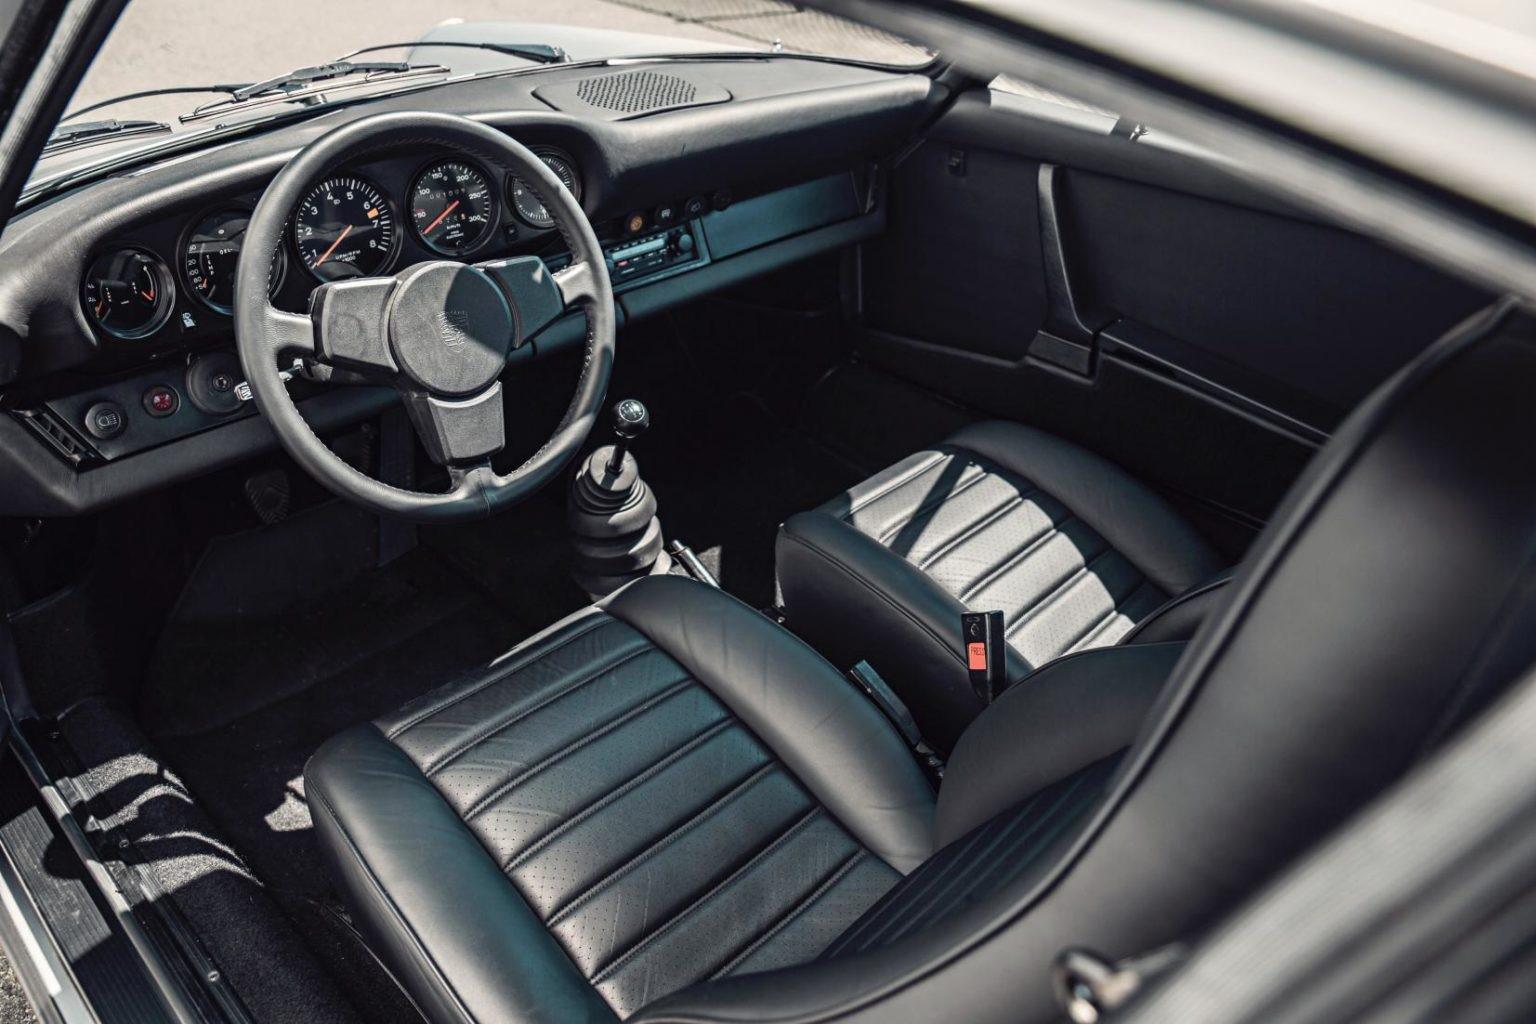 bienvenue-a-bord-de-la-911-turbo-des-annees-70-a-nos-jours-1276-1.jpg